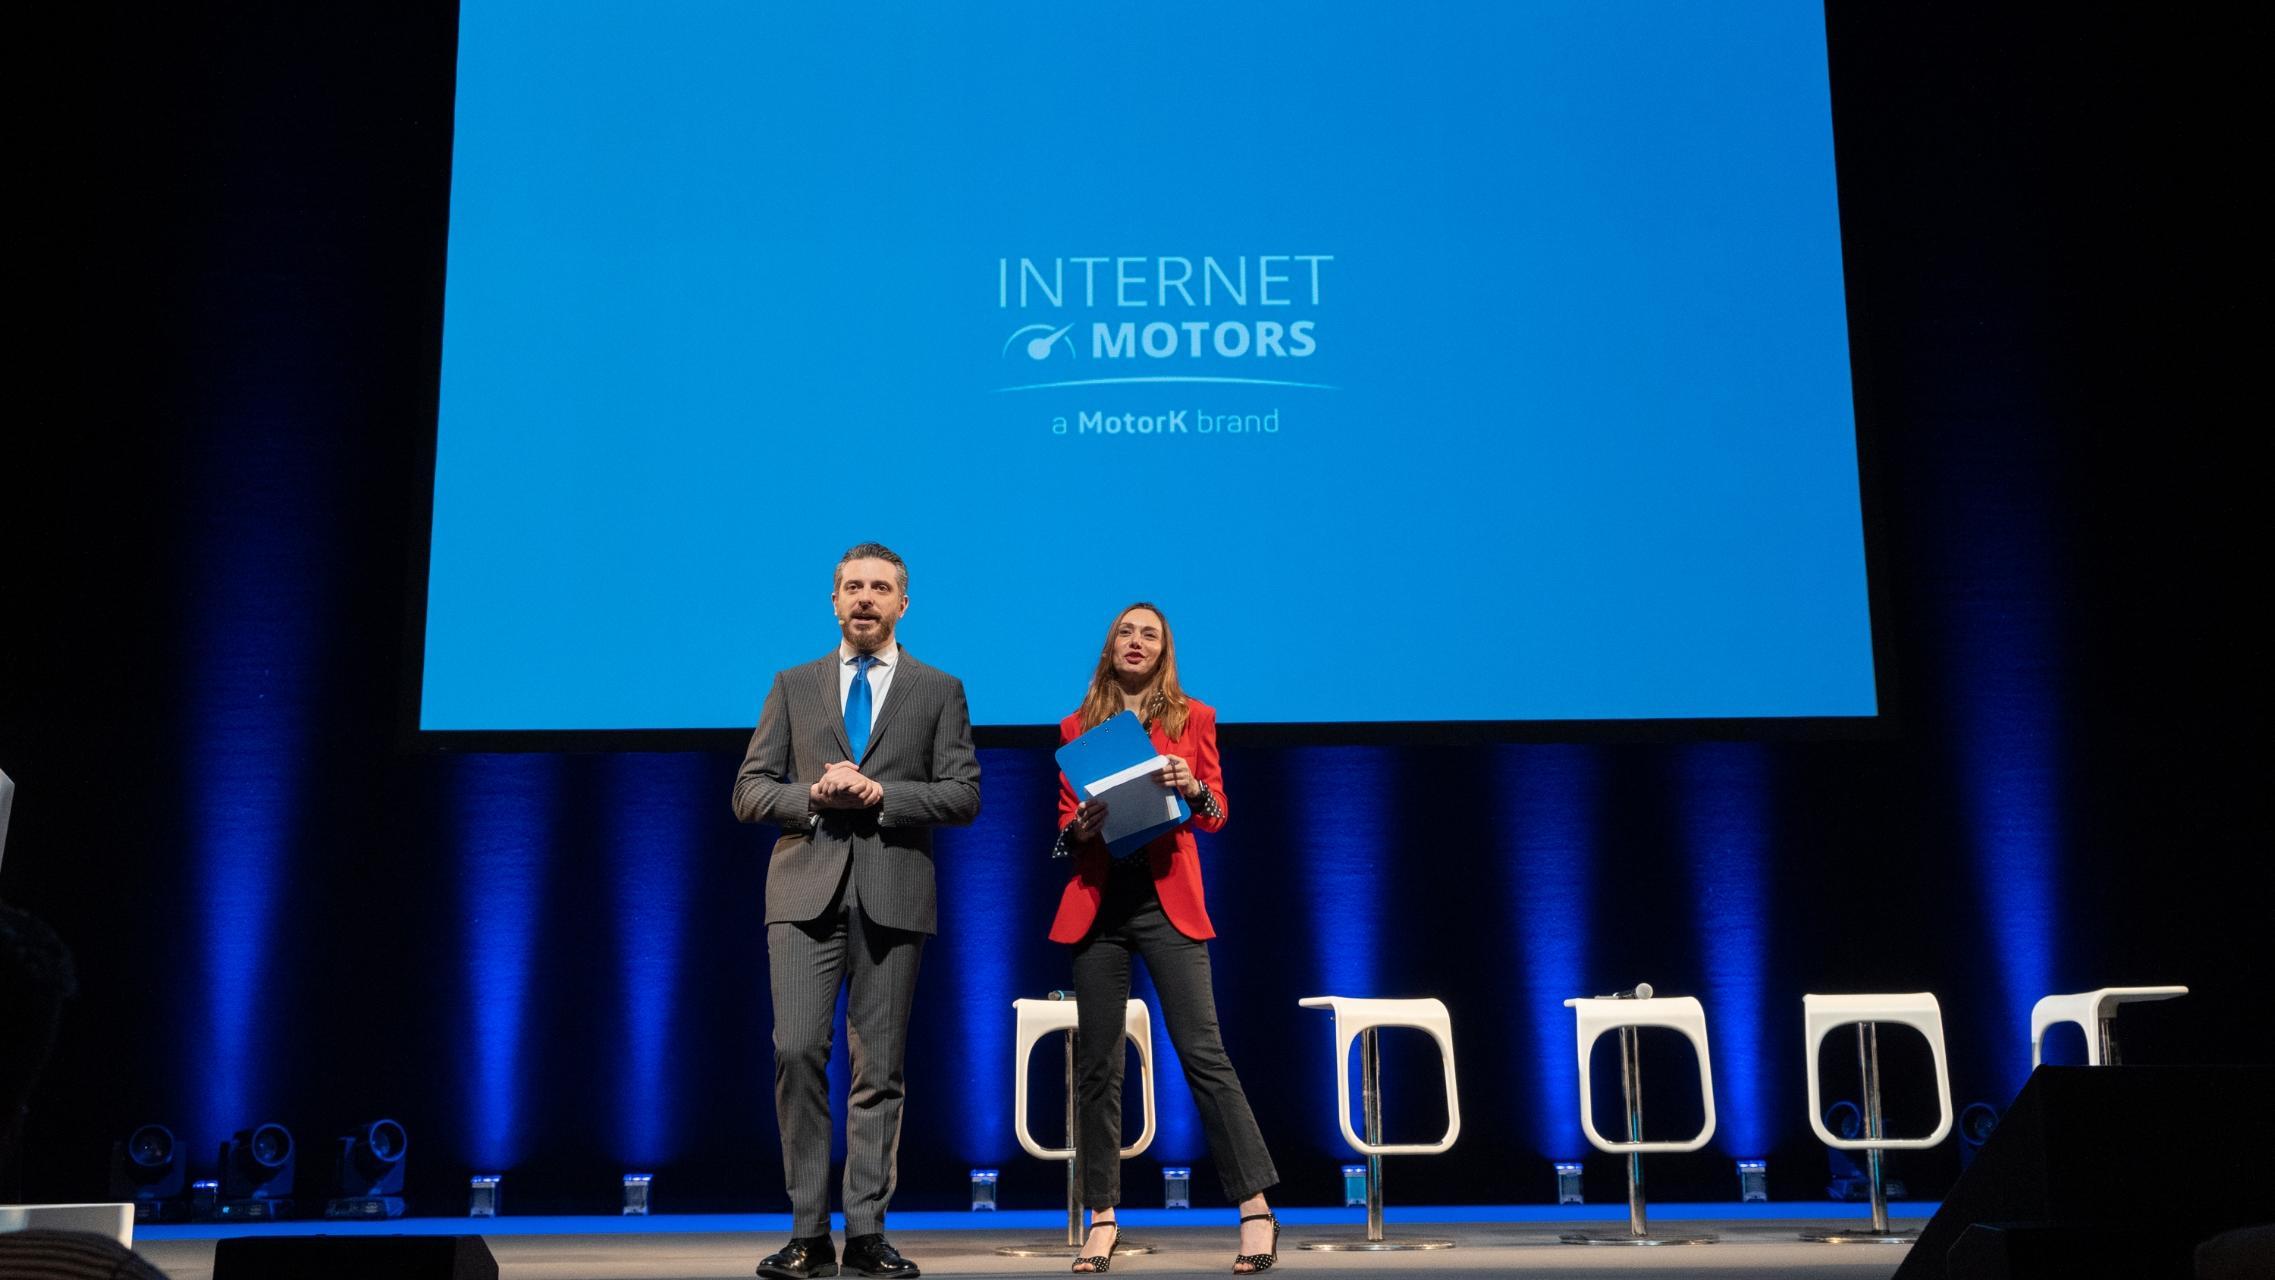 Si è conclusa la 21a edizione di Internet Motors a Milano